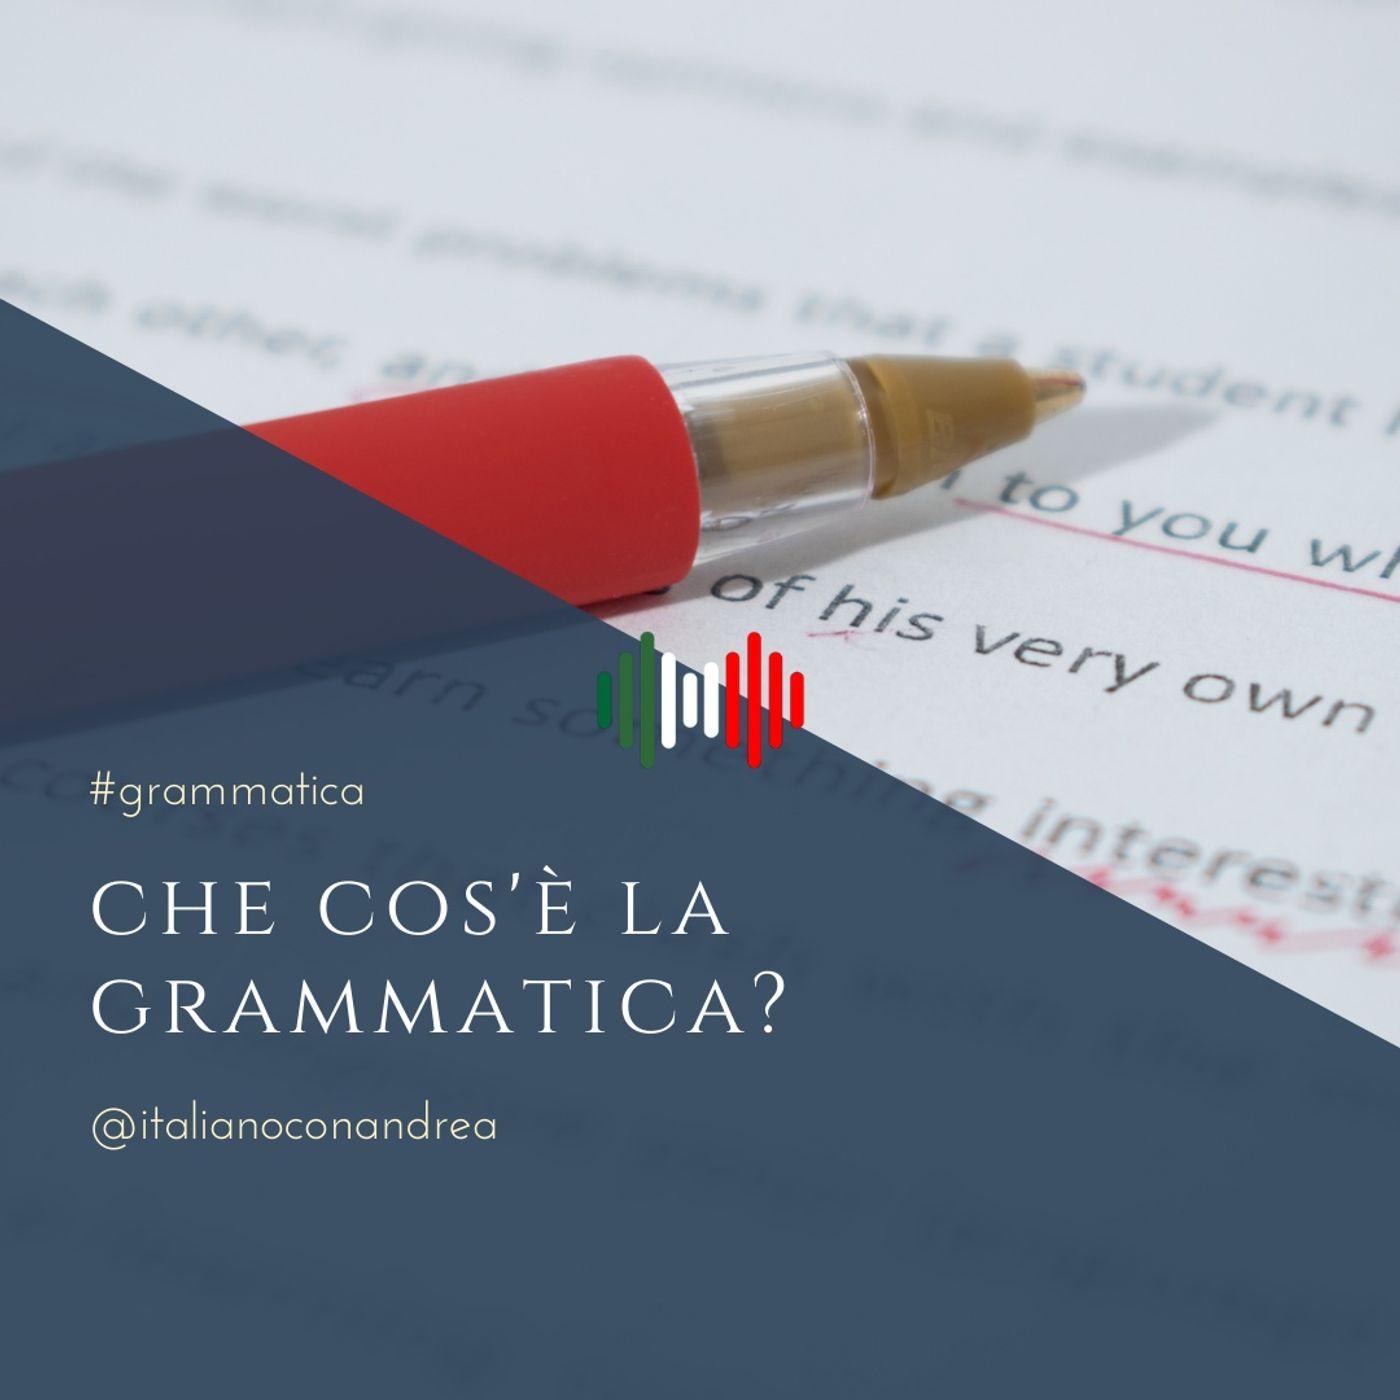 275. GRAMMATICA: Che cos'è la grammatica?